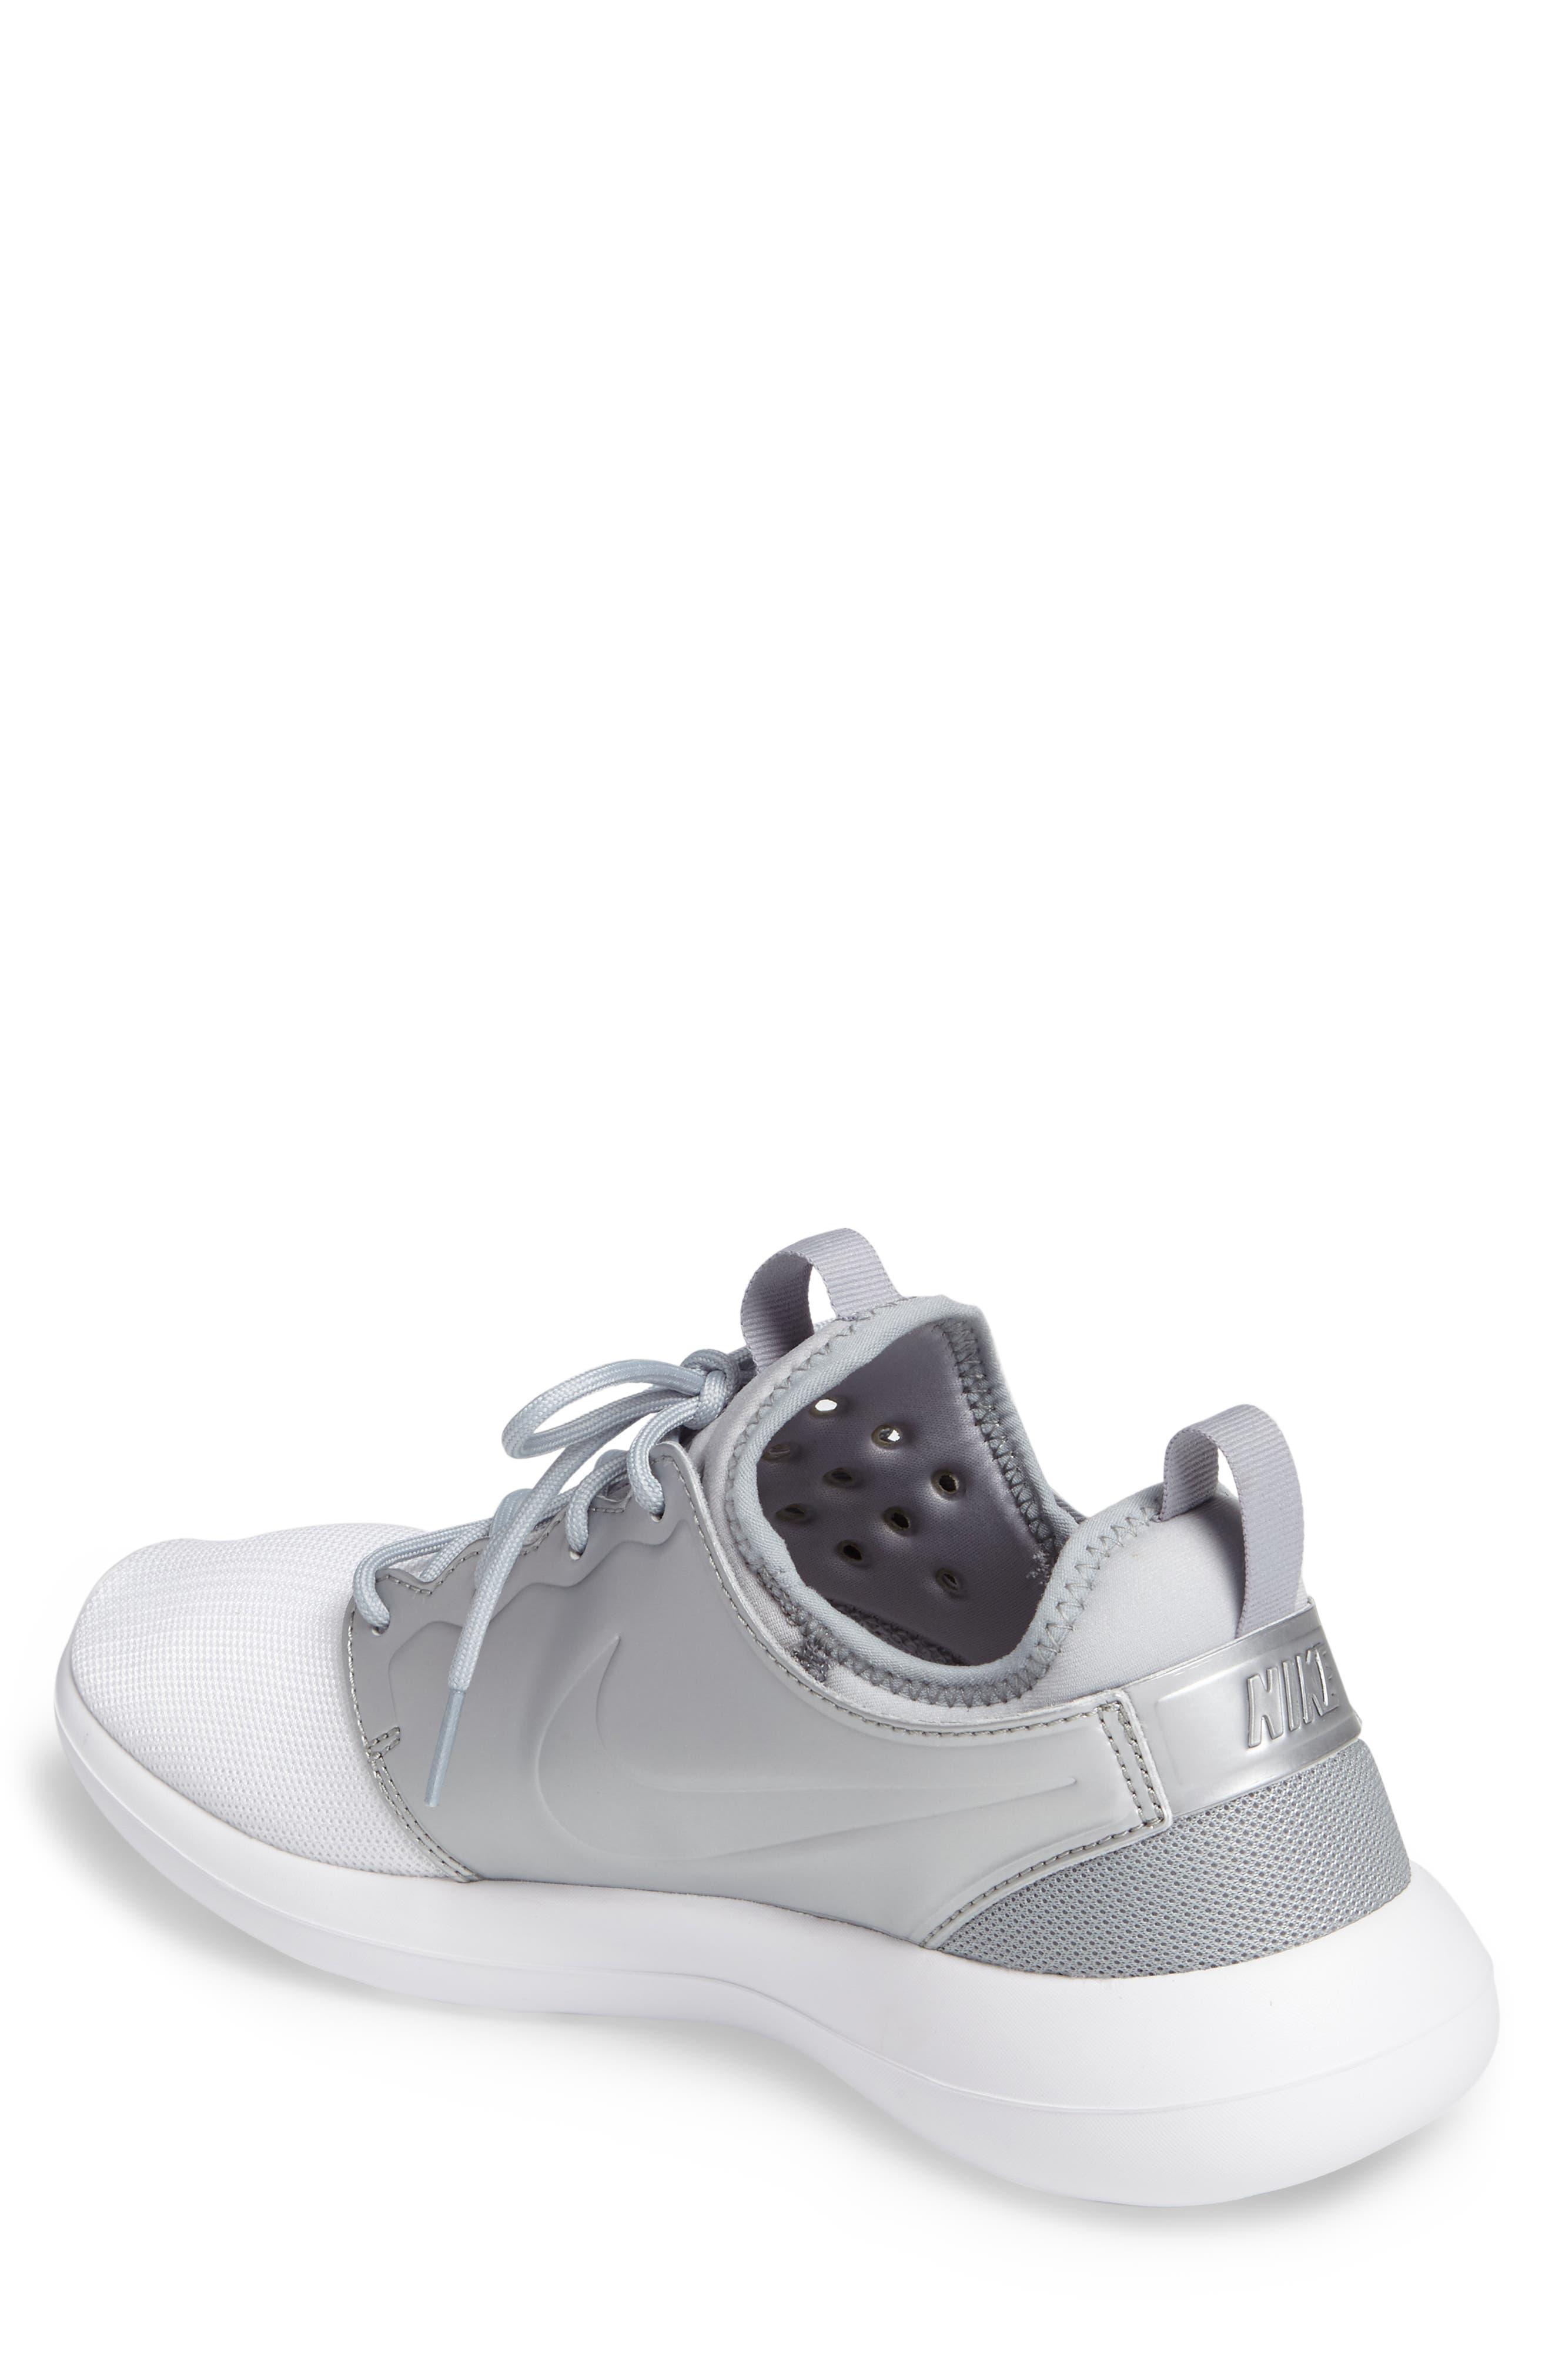 Roshe Two Sneaker,                             Alternate thumbnail 17, color,